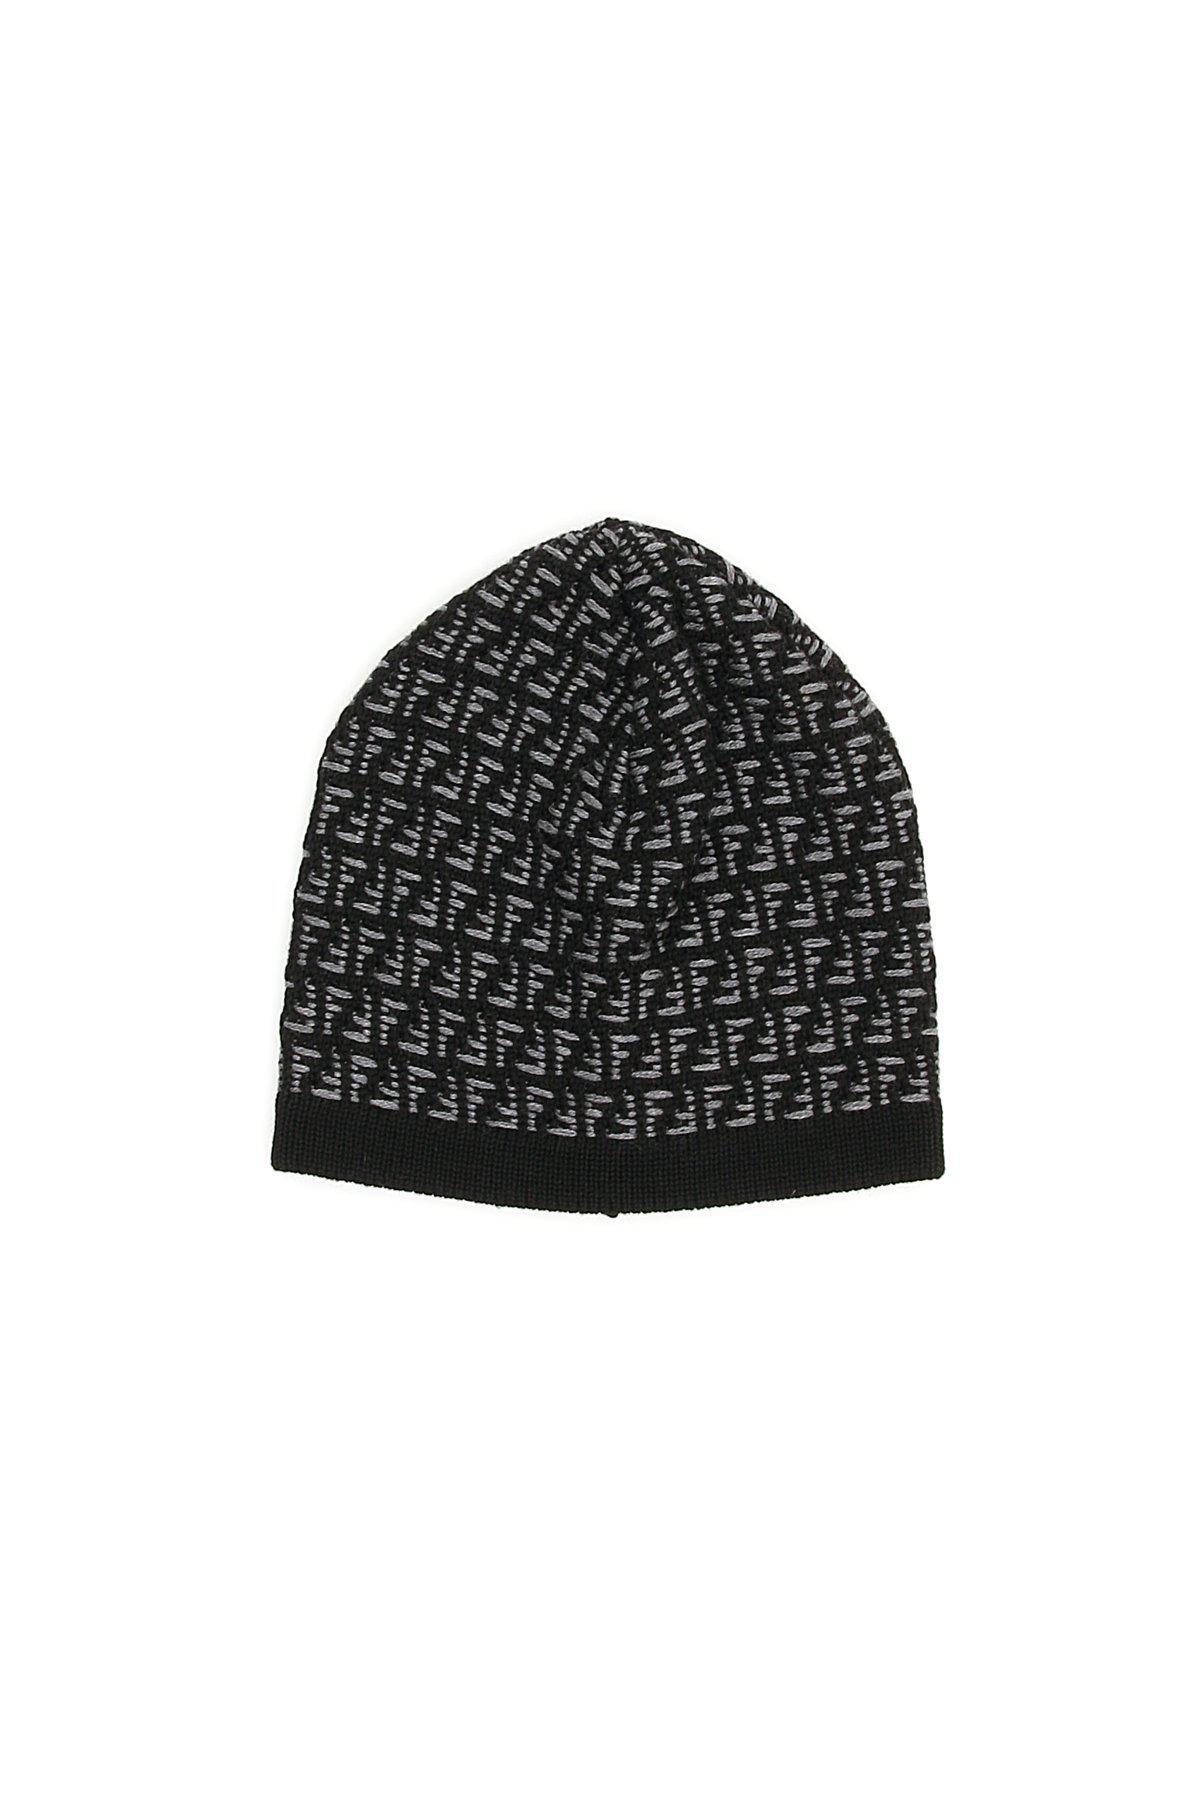 e2d663143857e6 Fendi Ff All Over Logo Beanie in Black for Men - Lyst